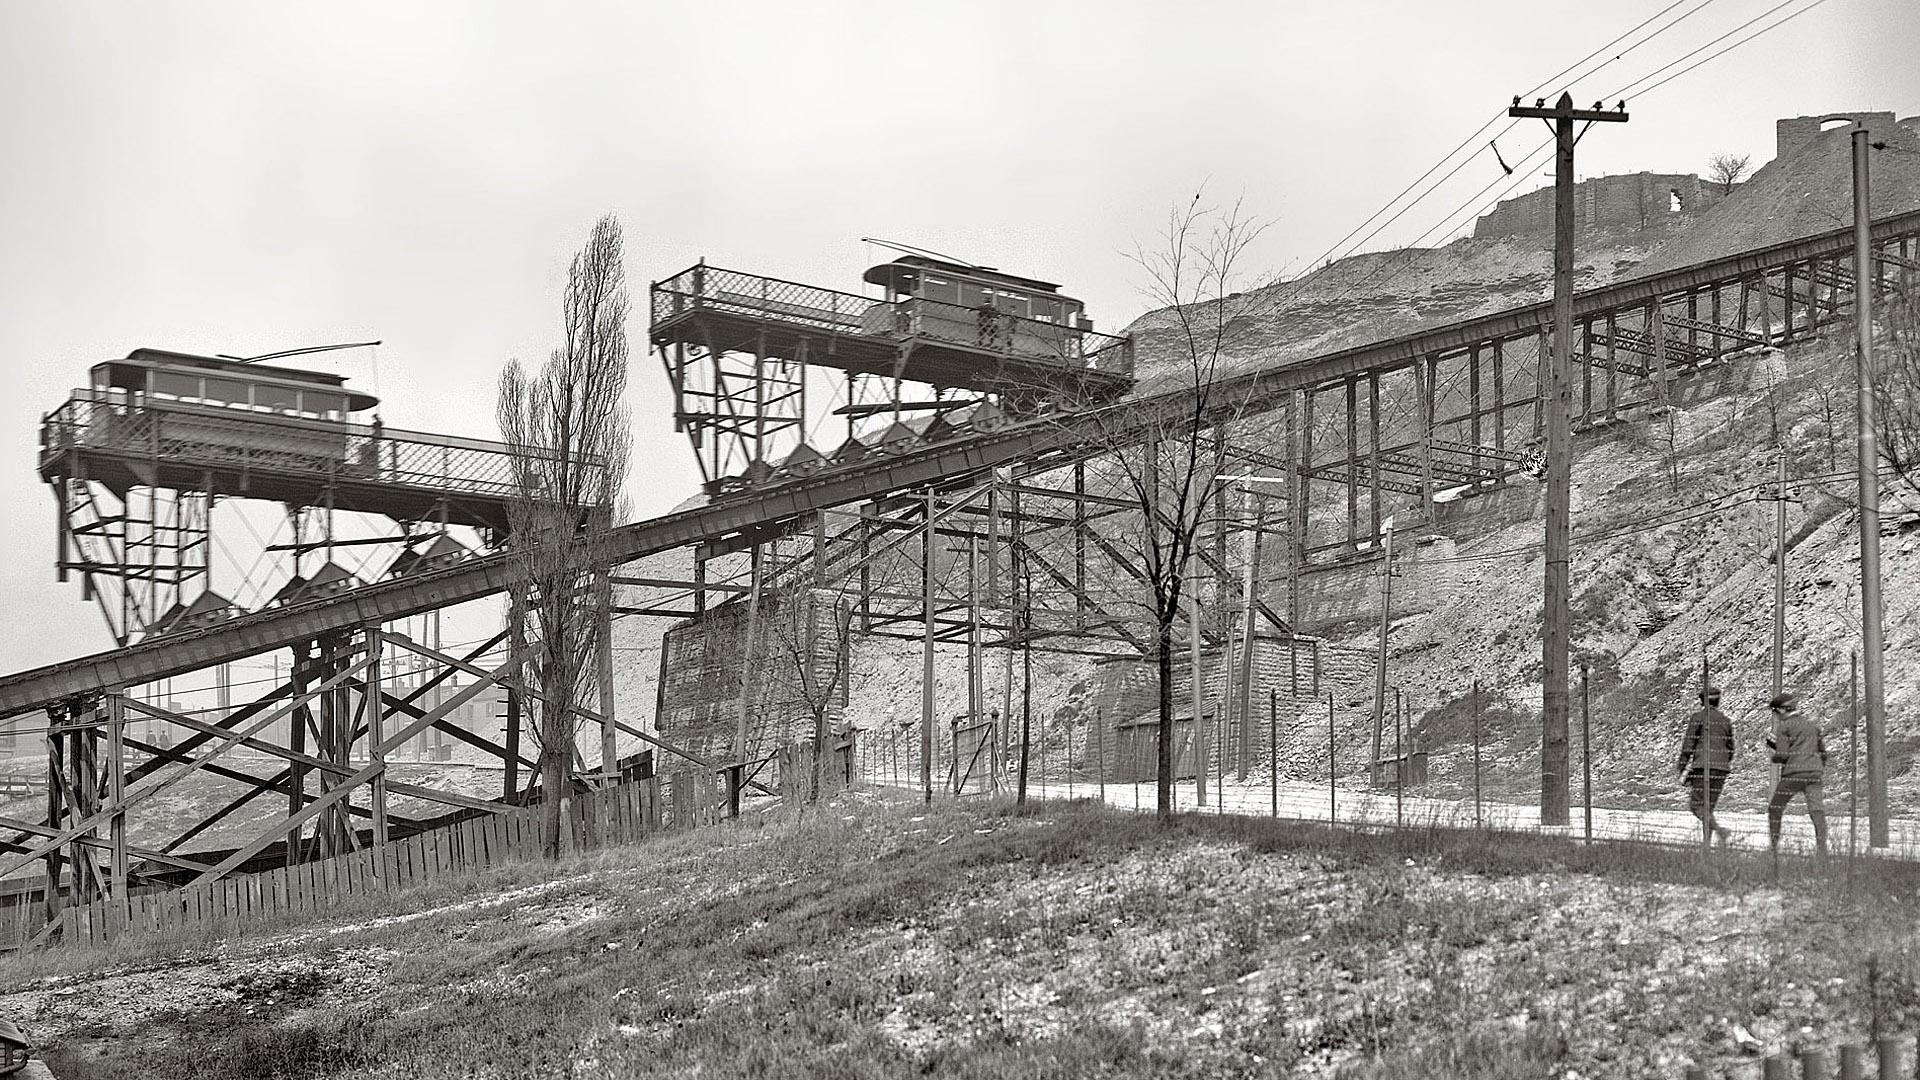 Cincinnati / Bellevue Incline (1876-1926)